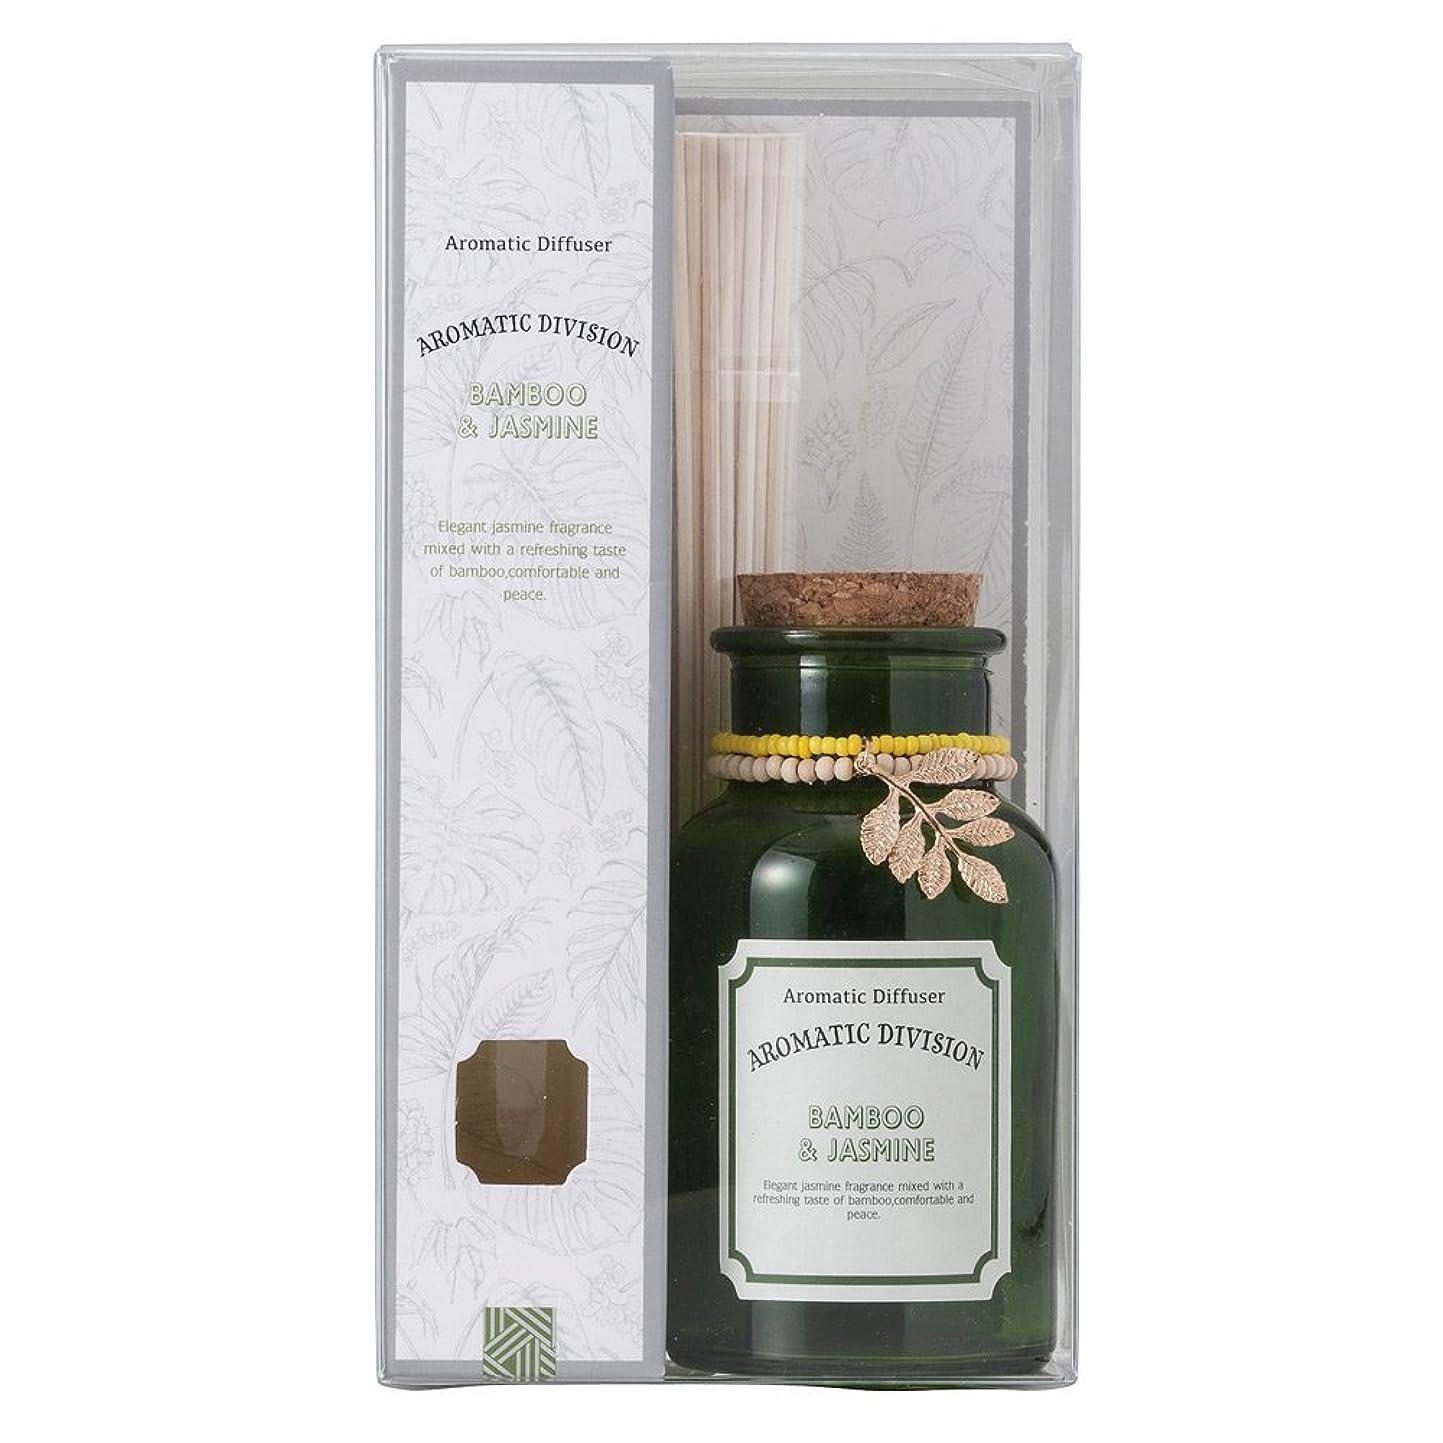 ウェイトレス一方、くびれた《アロマの香りで癒される》イシグロ ルームフレグランス ロアンヌ70171グリーン?スイートジャスミン